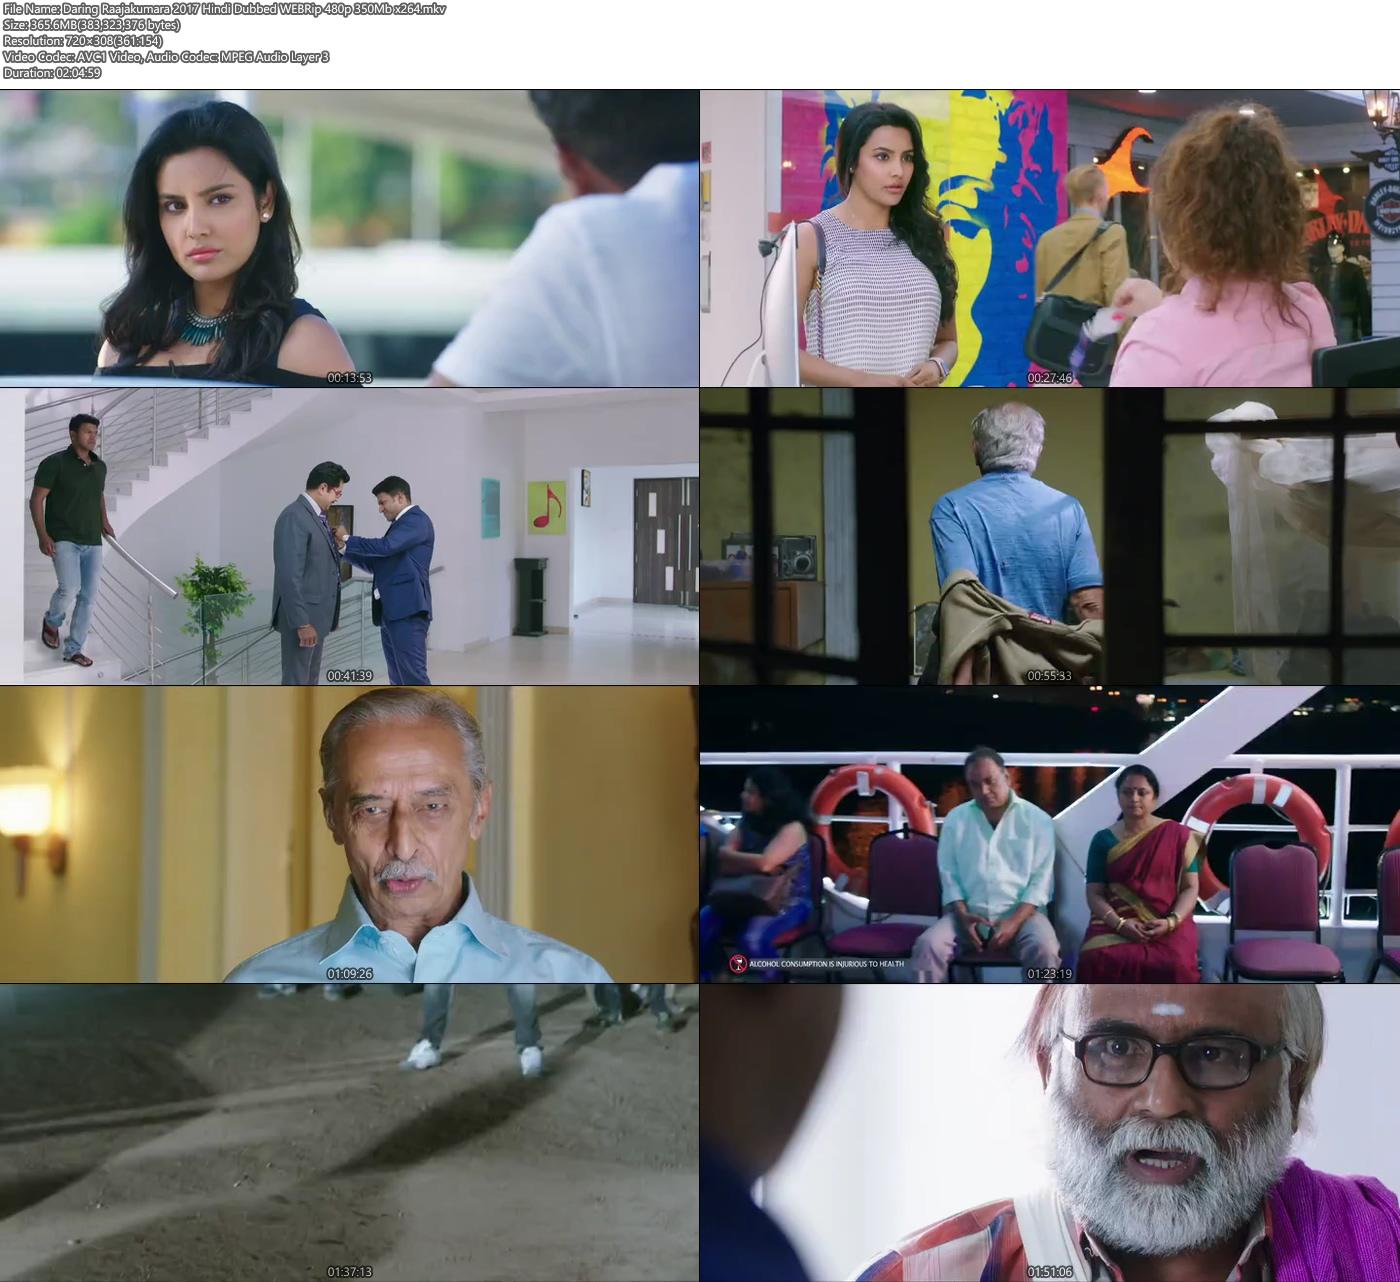 Daring Raajakumara 2017 Hindi Dubbed 480p WEBRip 350MB x264 Screenshot